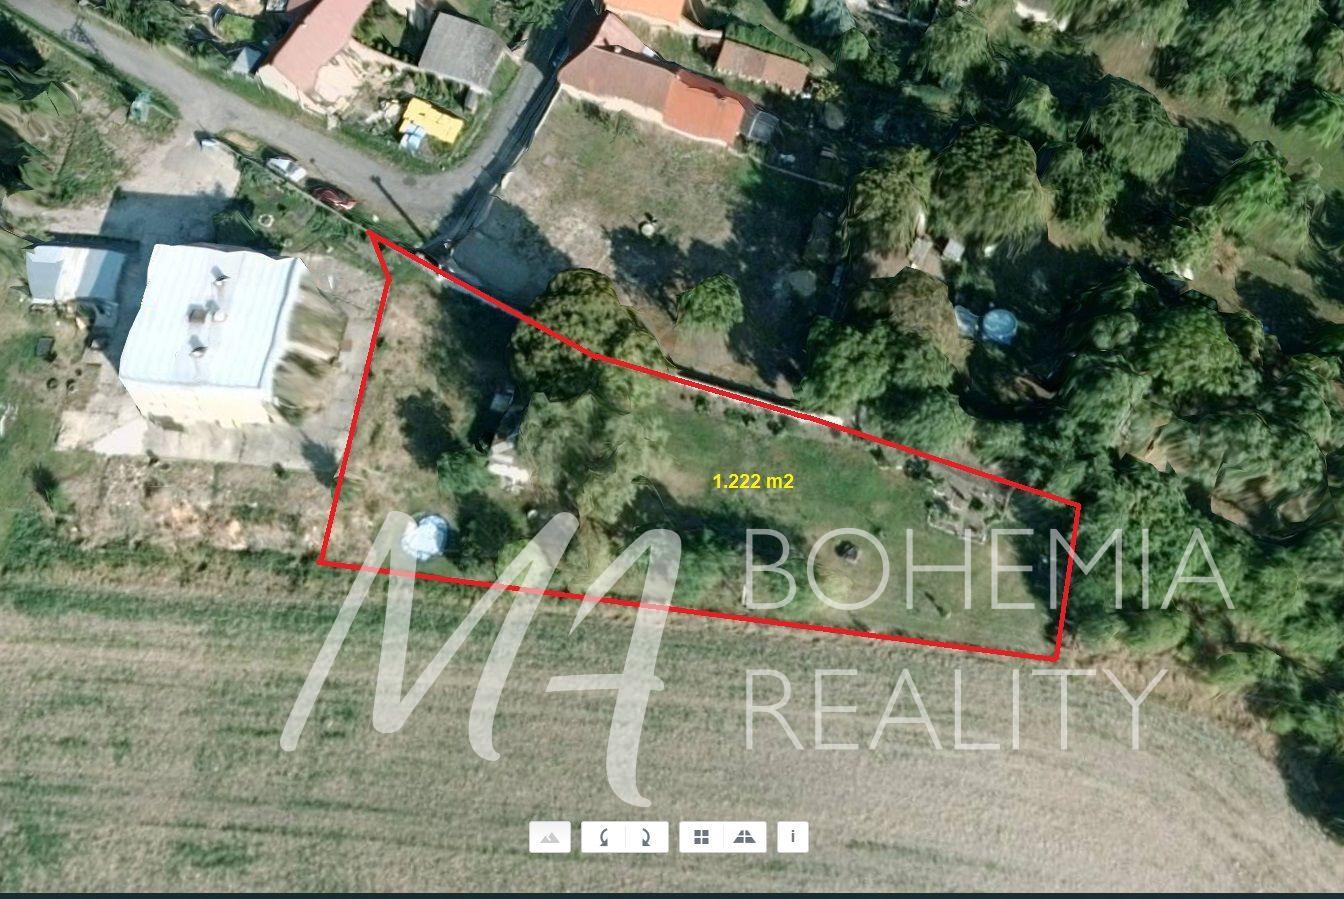 Prodej stavebního pozemku - 1.222 m2, Horní Slivno - Benátky n. Jizerou.